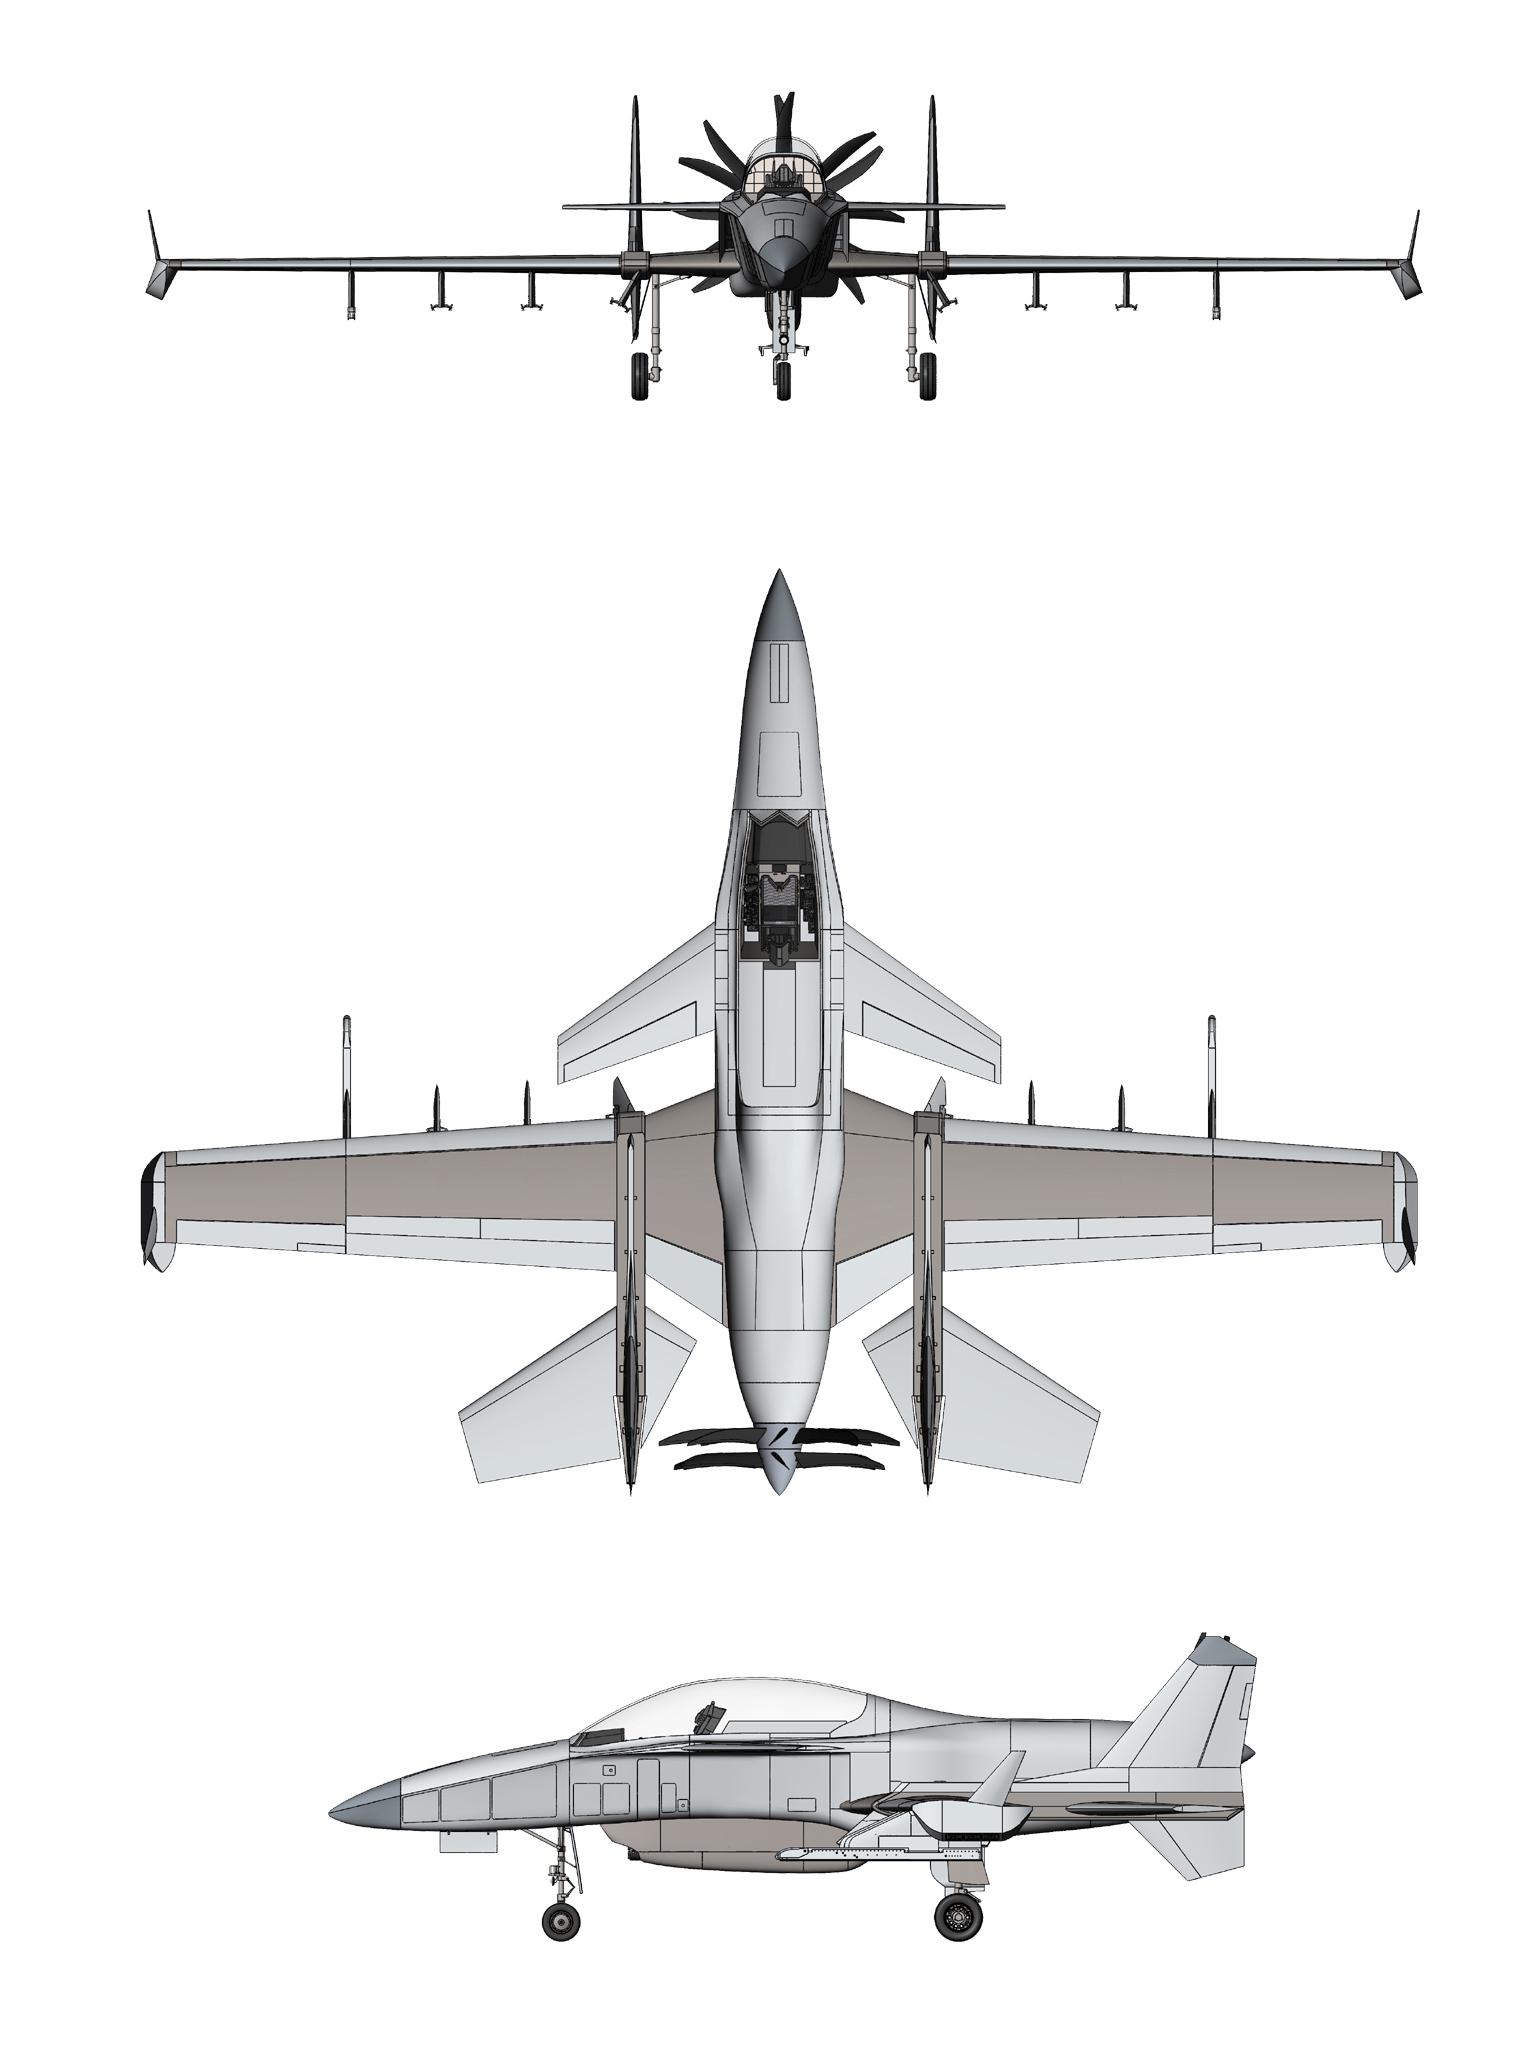 SM-27 MACHETE